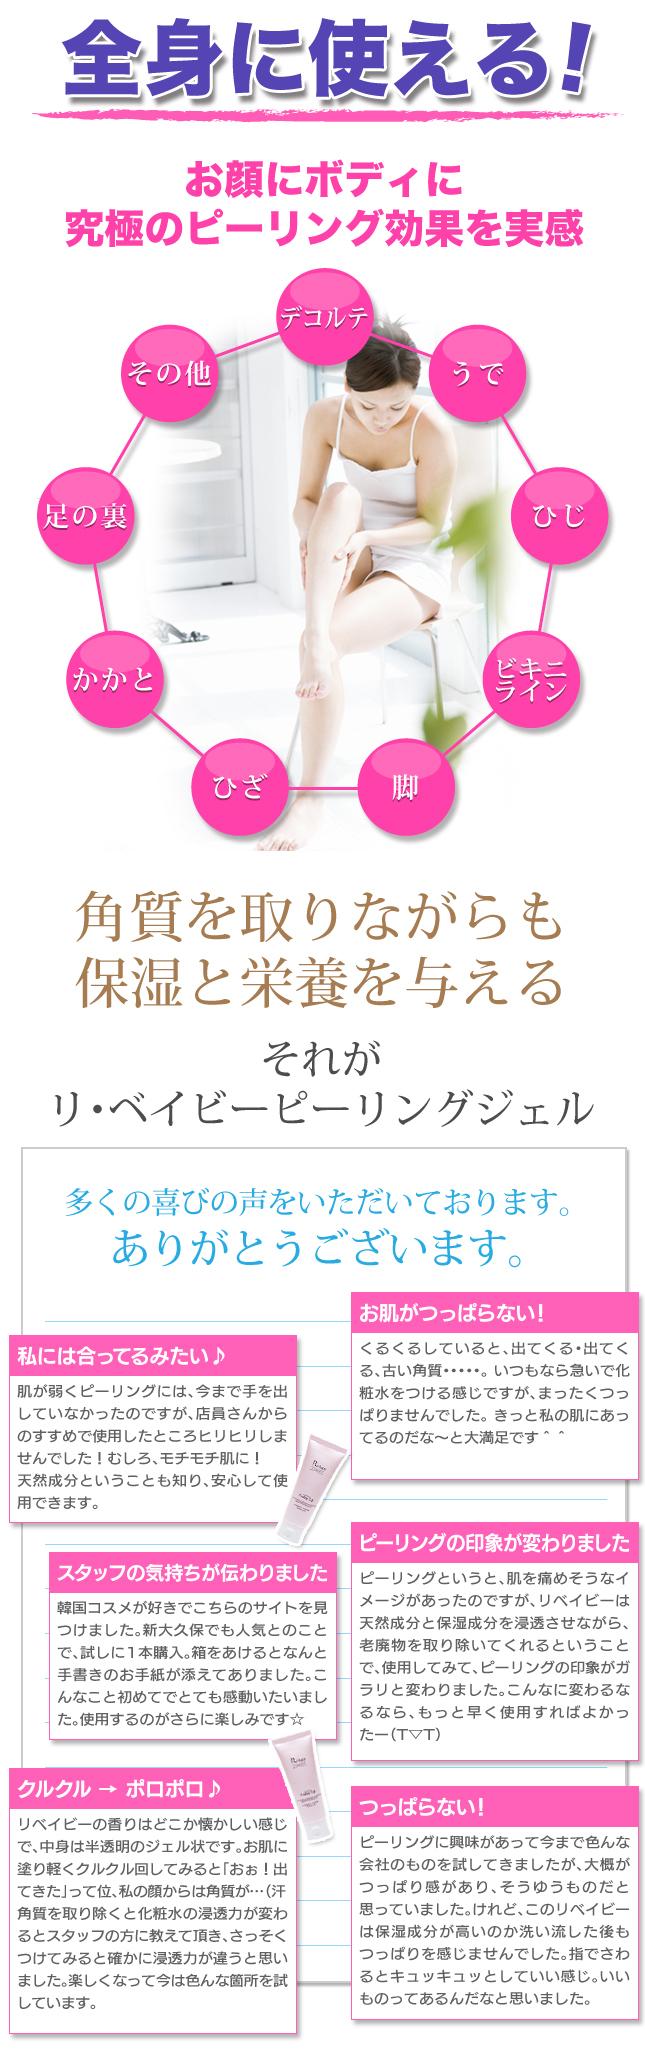 【A・CHUMAR】リ・ベイビー角質クリアピーリングジェル 70ml お肌が柔らかくなりくすみが一度で!